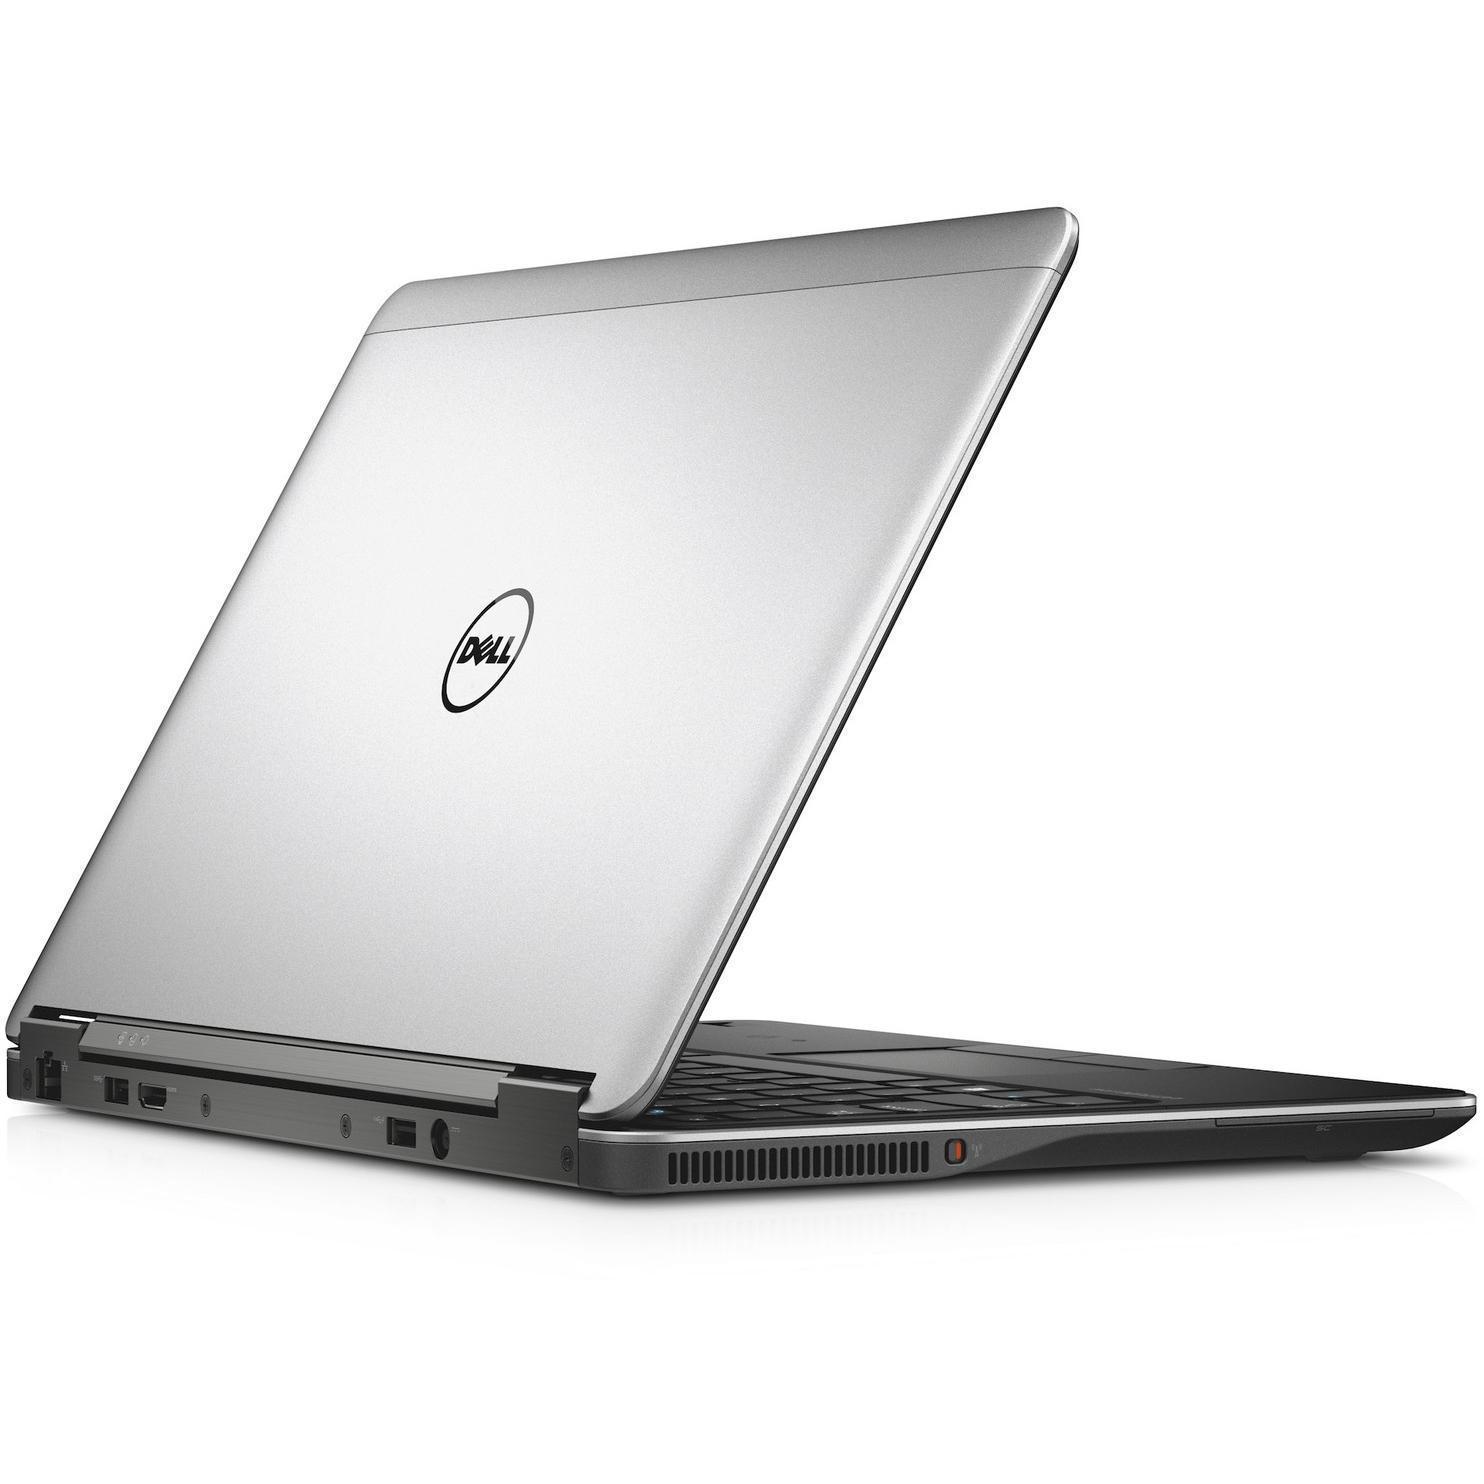 Dell Latitude E7240 12.5-inch (2013) - Core i5-4200U - 8 GB  - SSD 240 GB